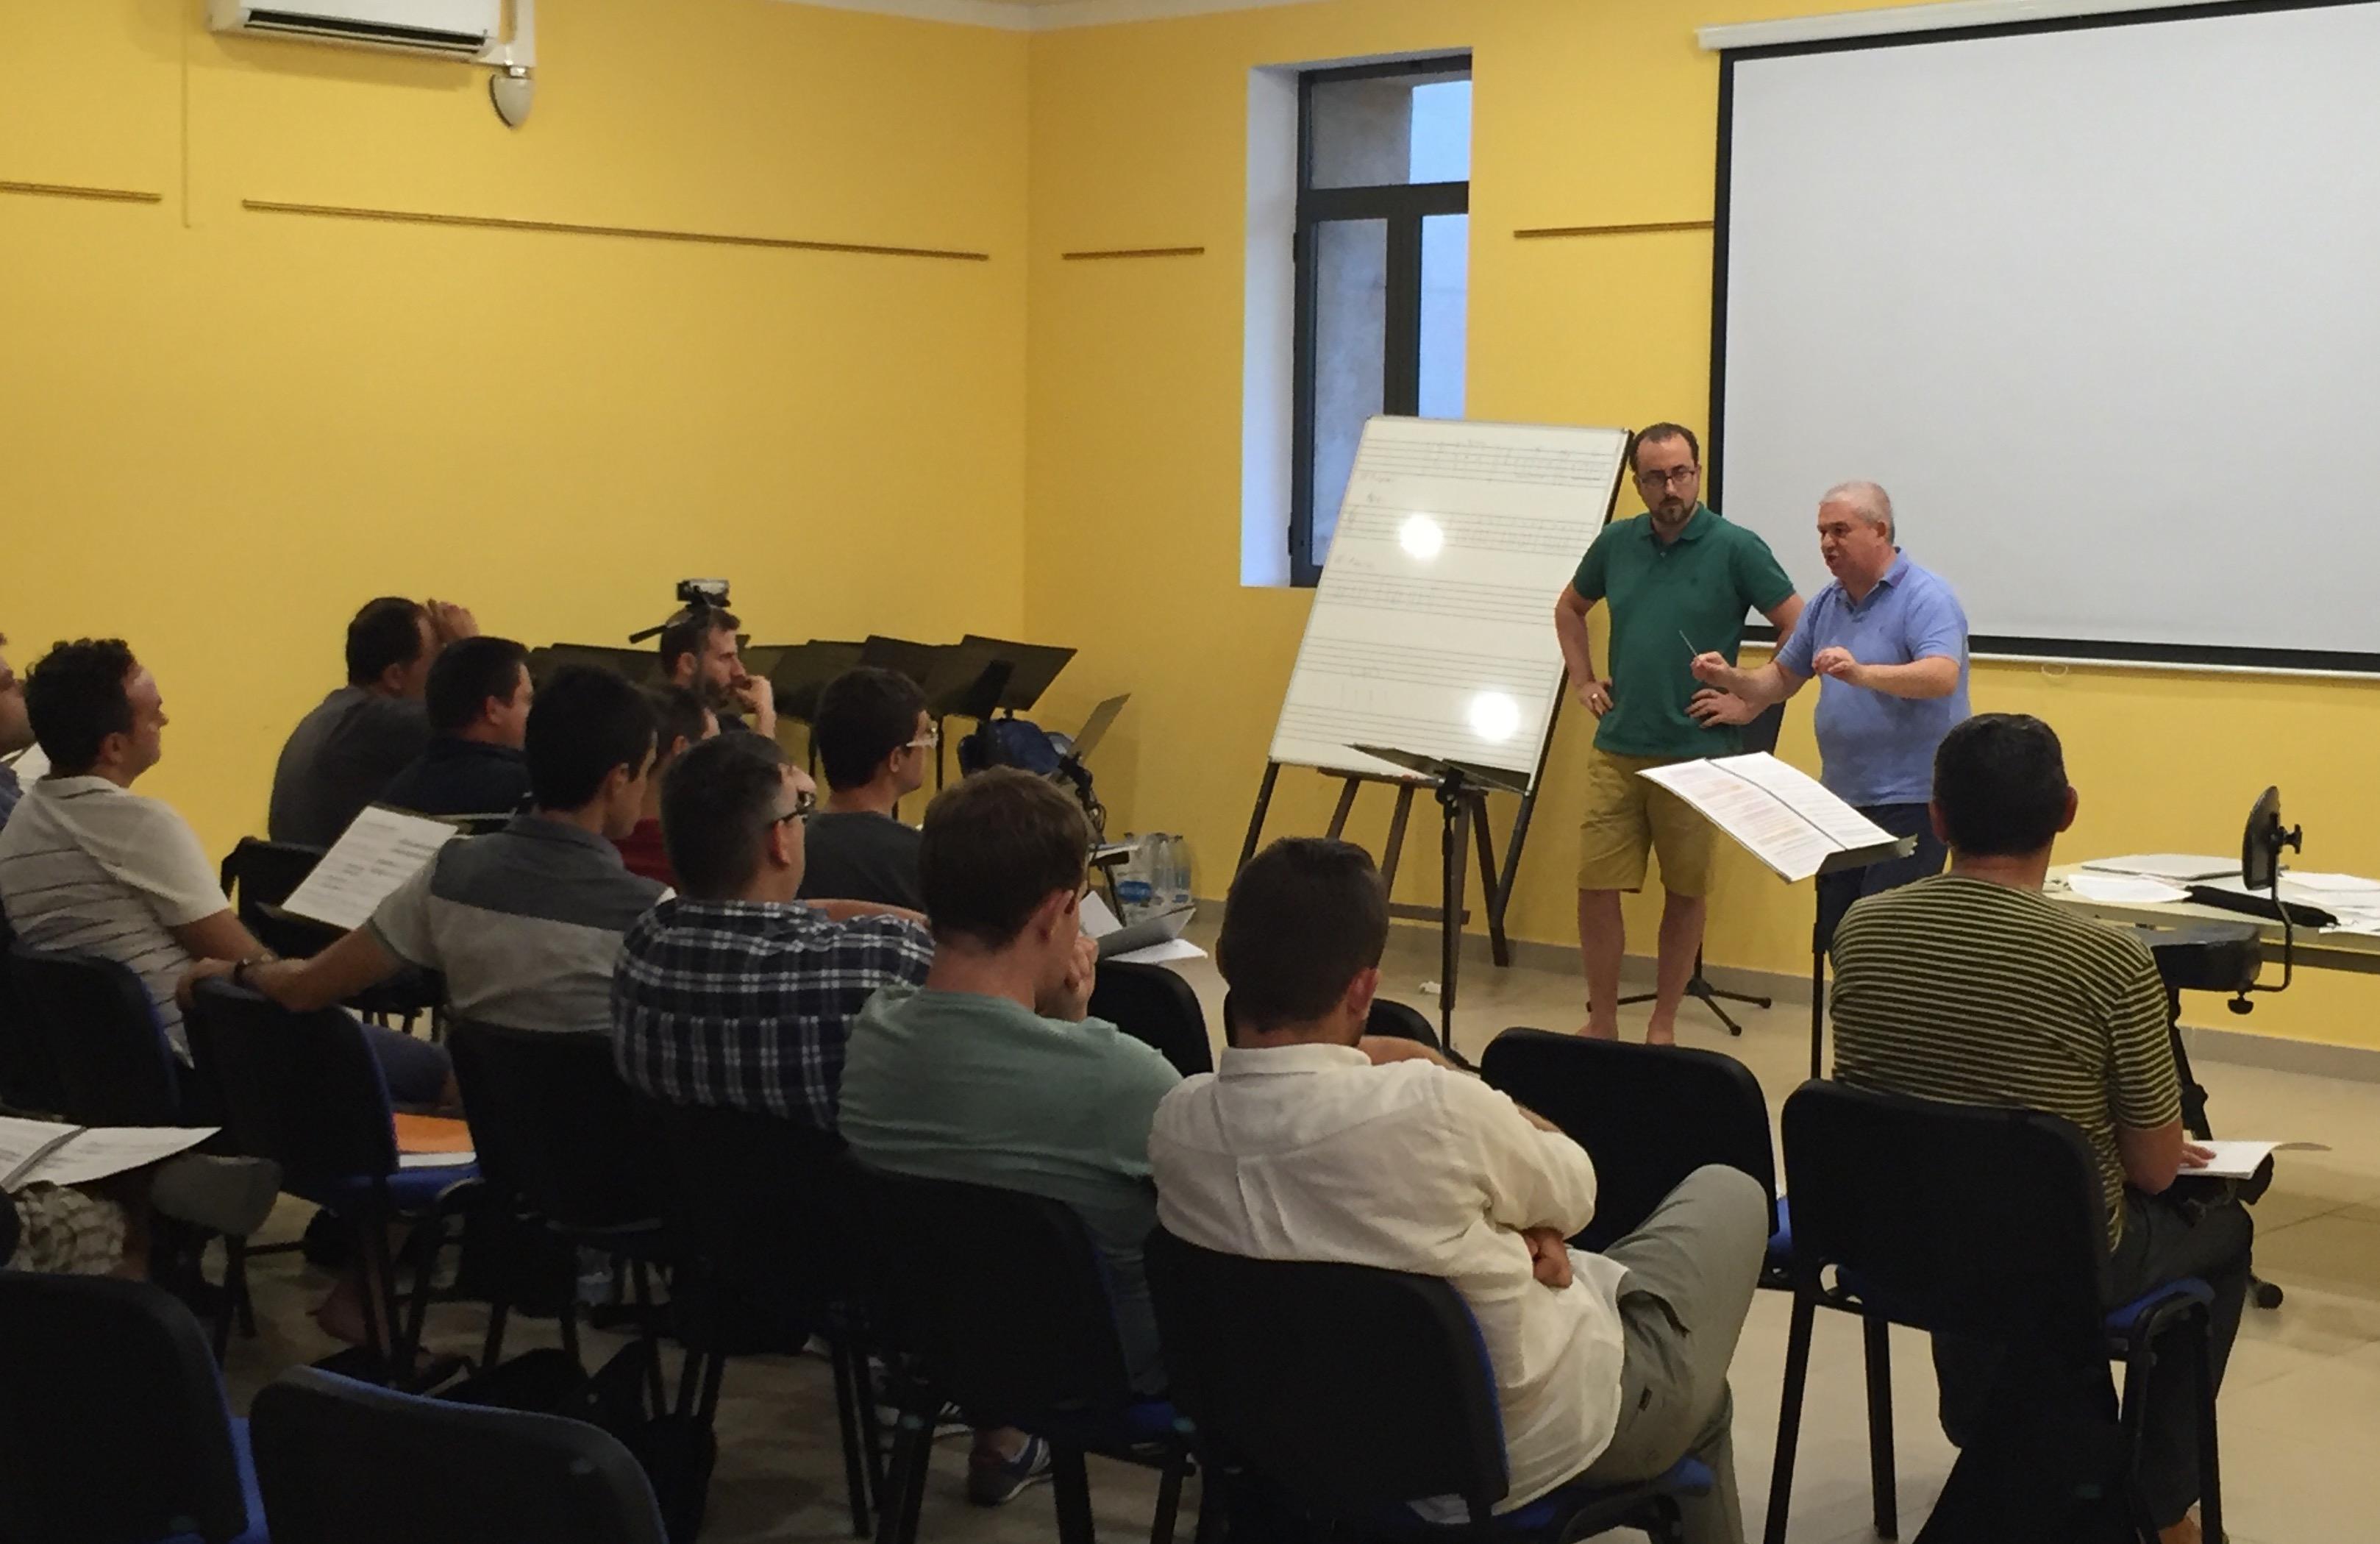 Un momento del curso que se desarrolla en la localidad de Buñol.